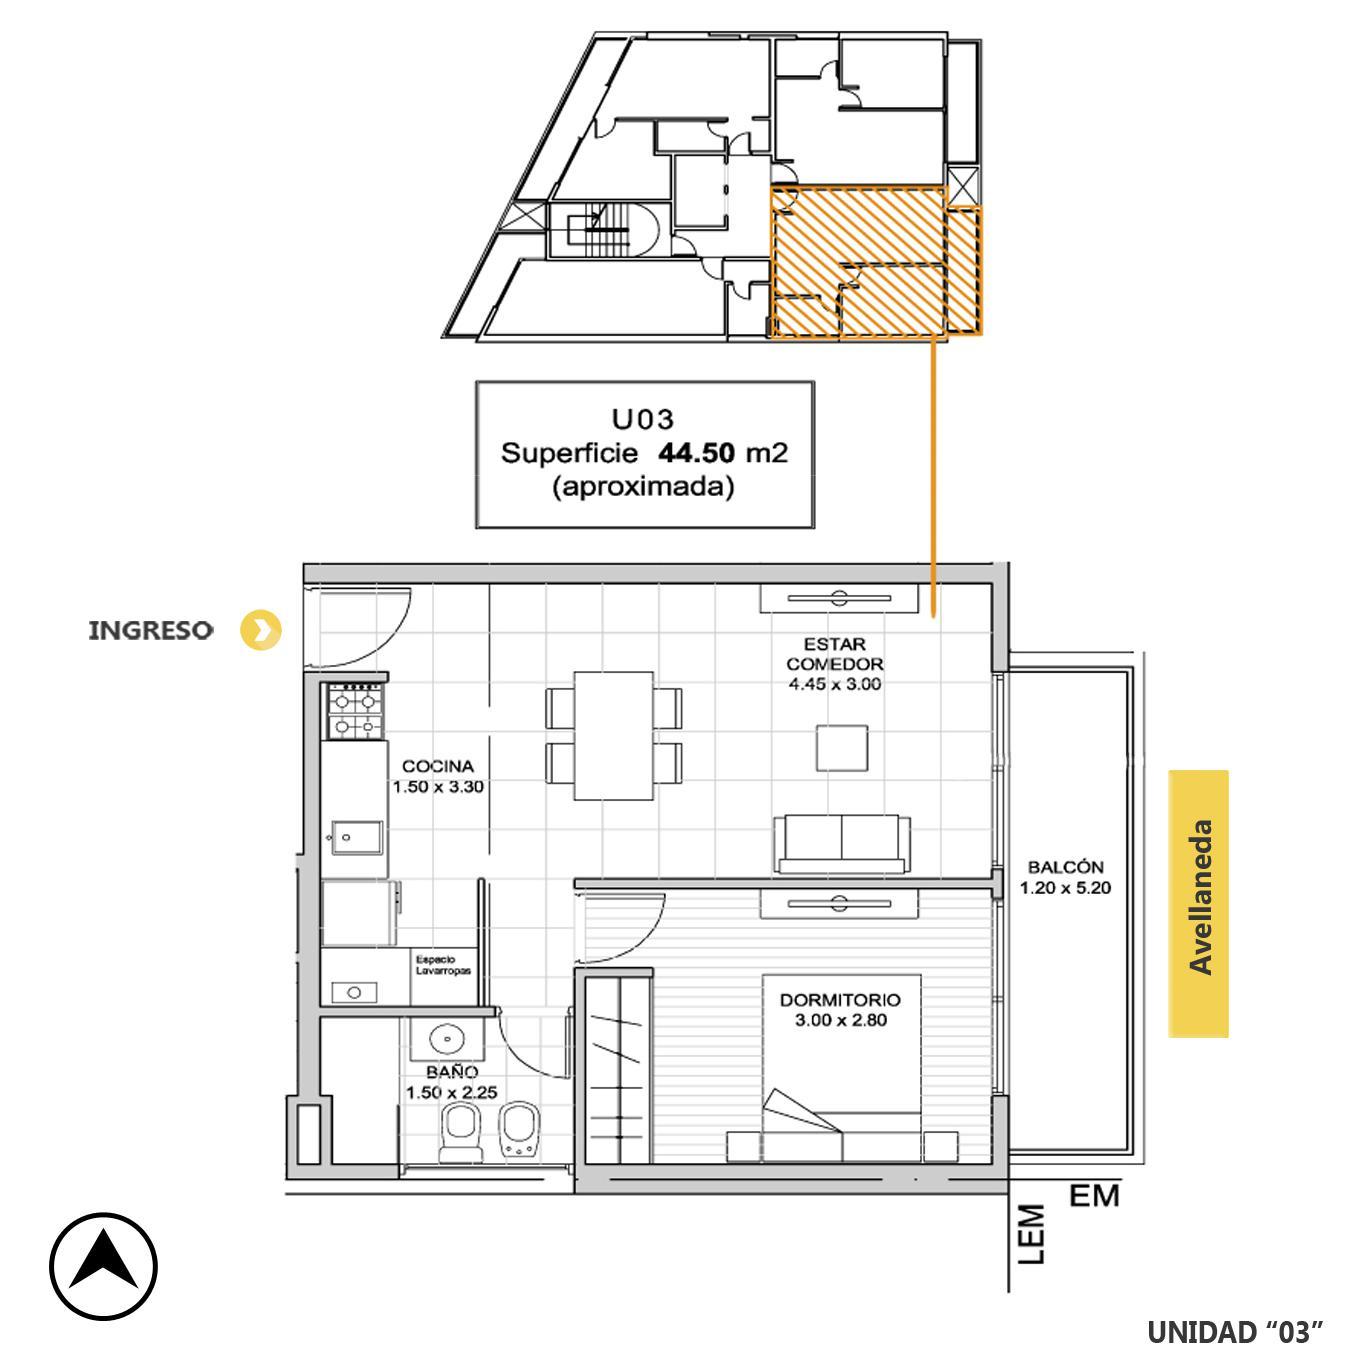 Venta departamento 1 dormitorio Rosario, Remedios De Escalada De San Martin. Cod CBU23216 AP2197140. Crestale Propiedades